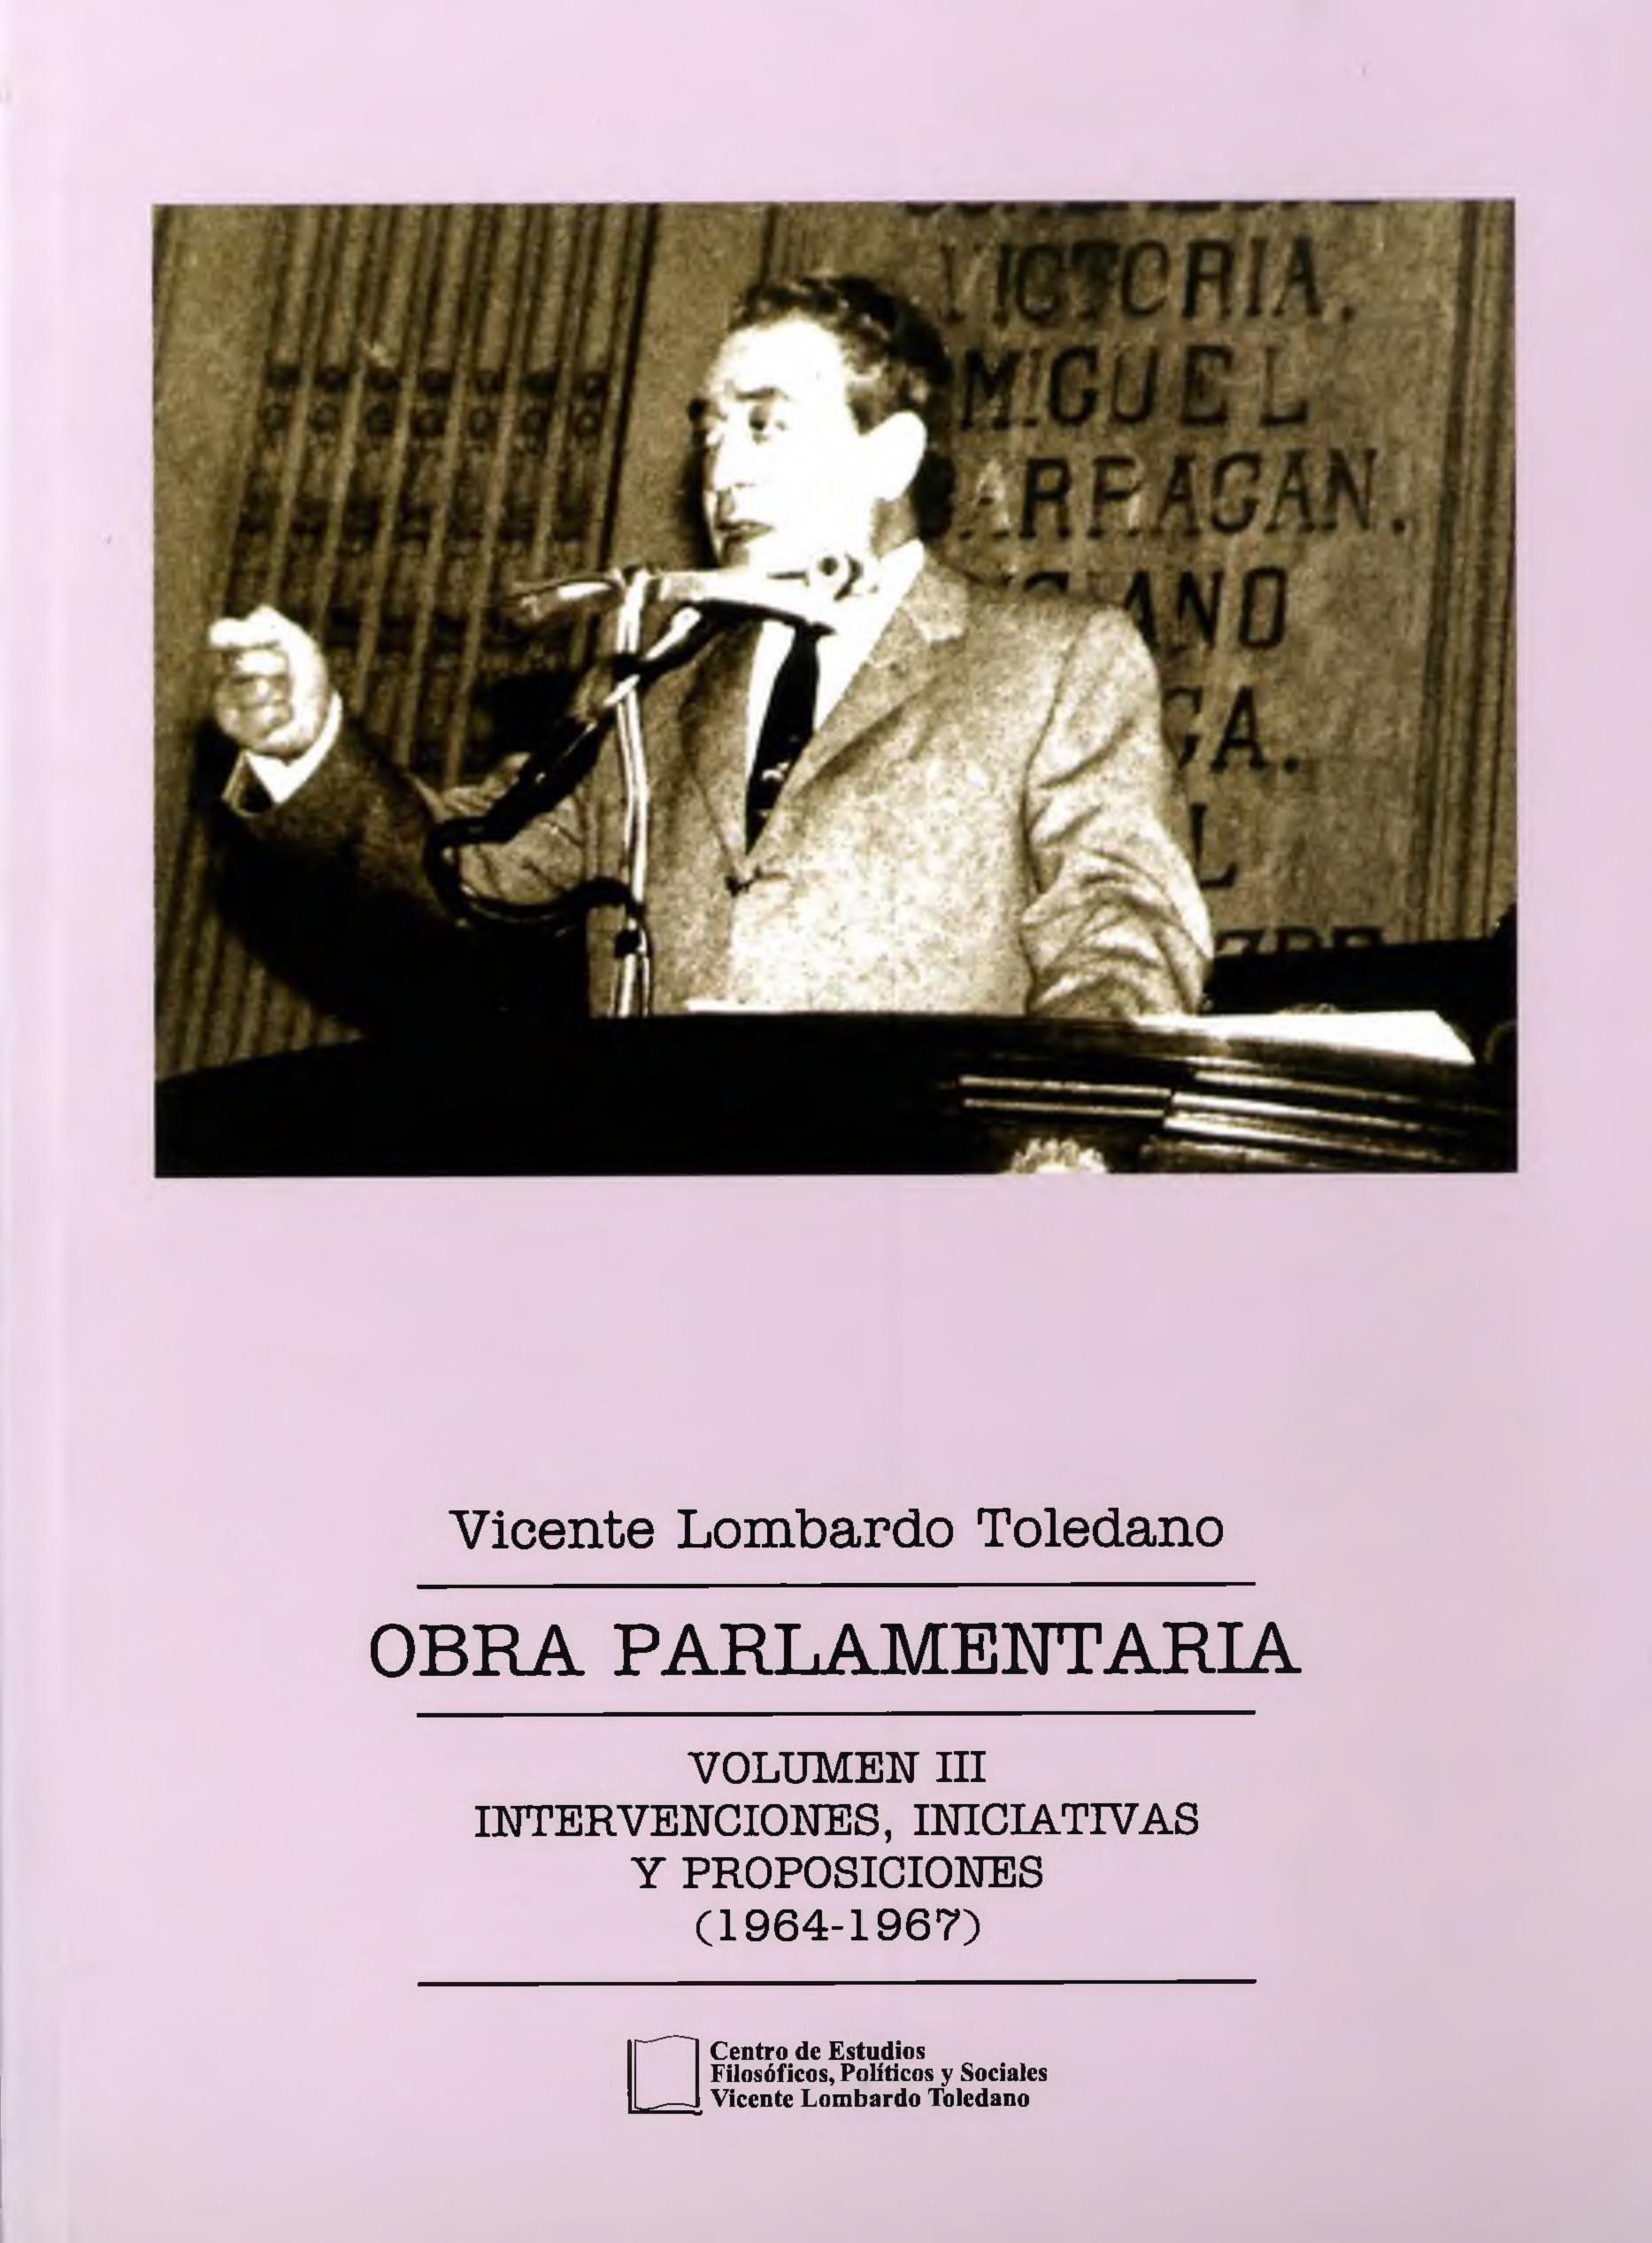 Portada del libro: OBRA PARLAMENTARIA VOL. III: INTERVENCIONES, INICIATIVAS Y PROPOSICIONES (1964-1967)